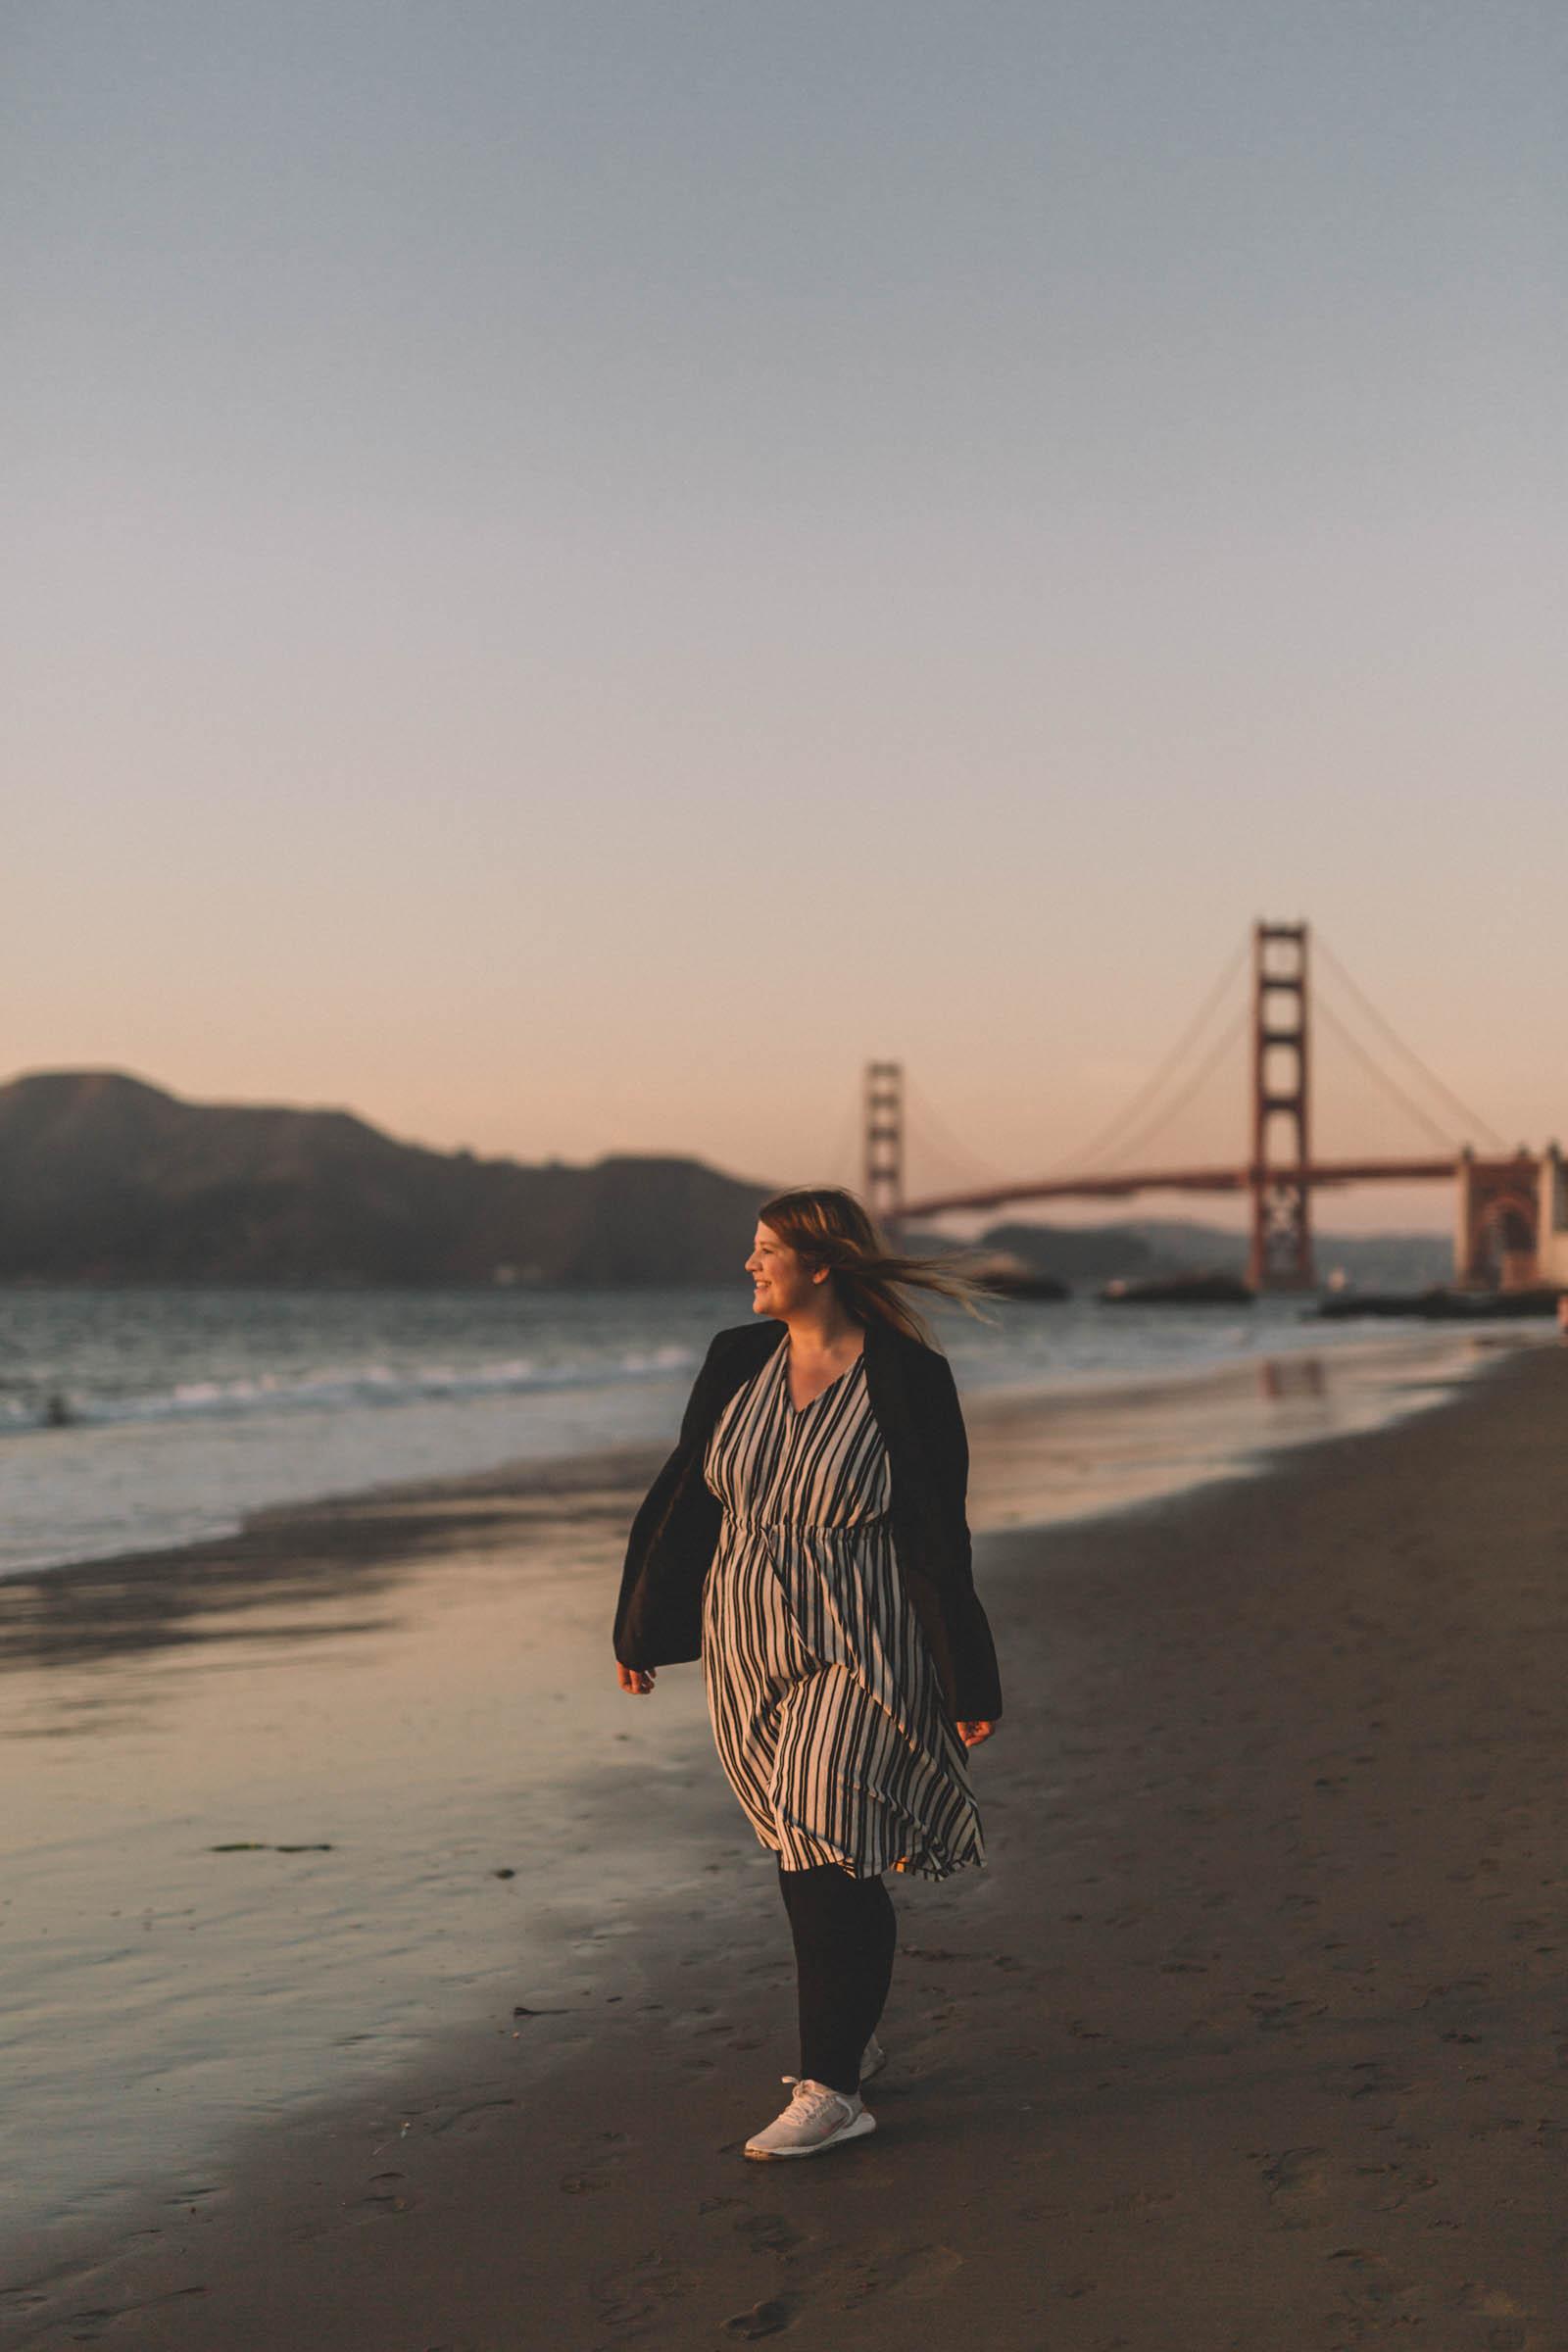 Sonnenuntergang am Baker Beach San Francisco in 3 Tagen aktiv entdecken – Reisetipps, Highlights und besondere Aktivitäten